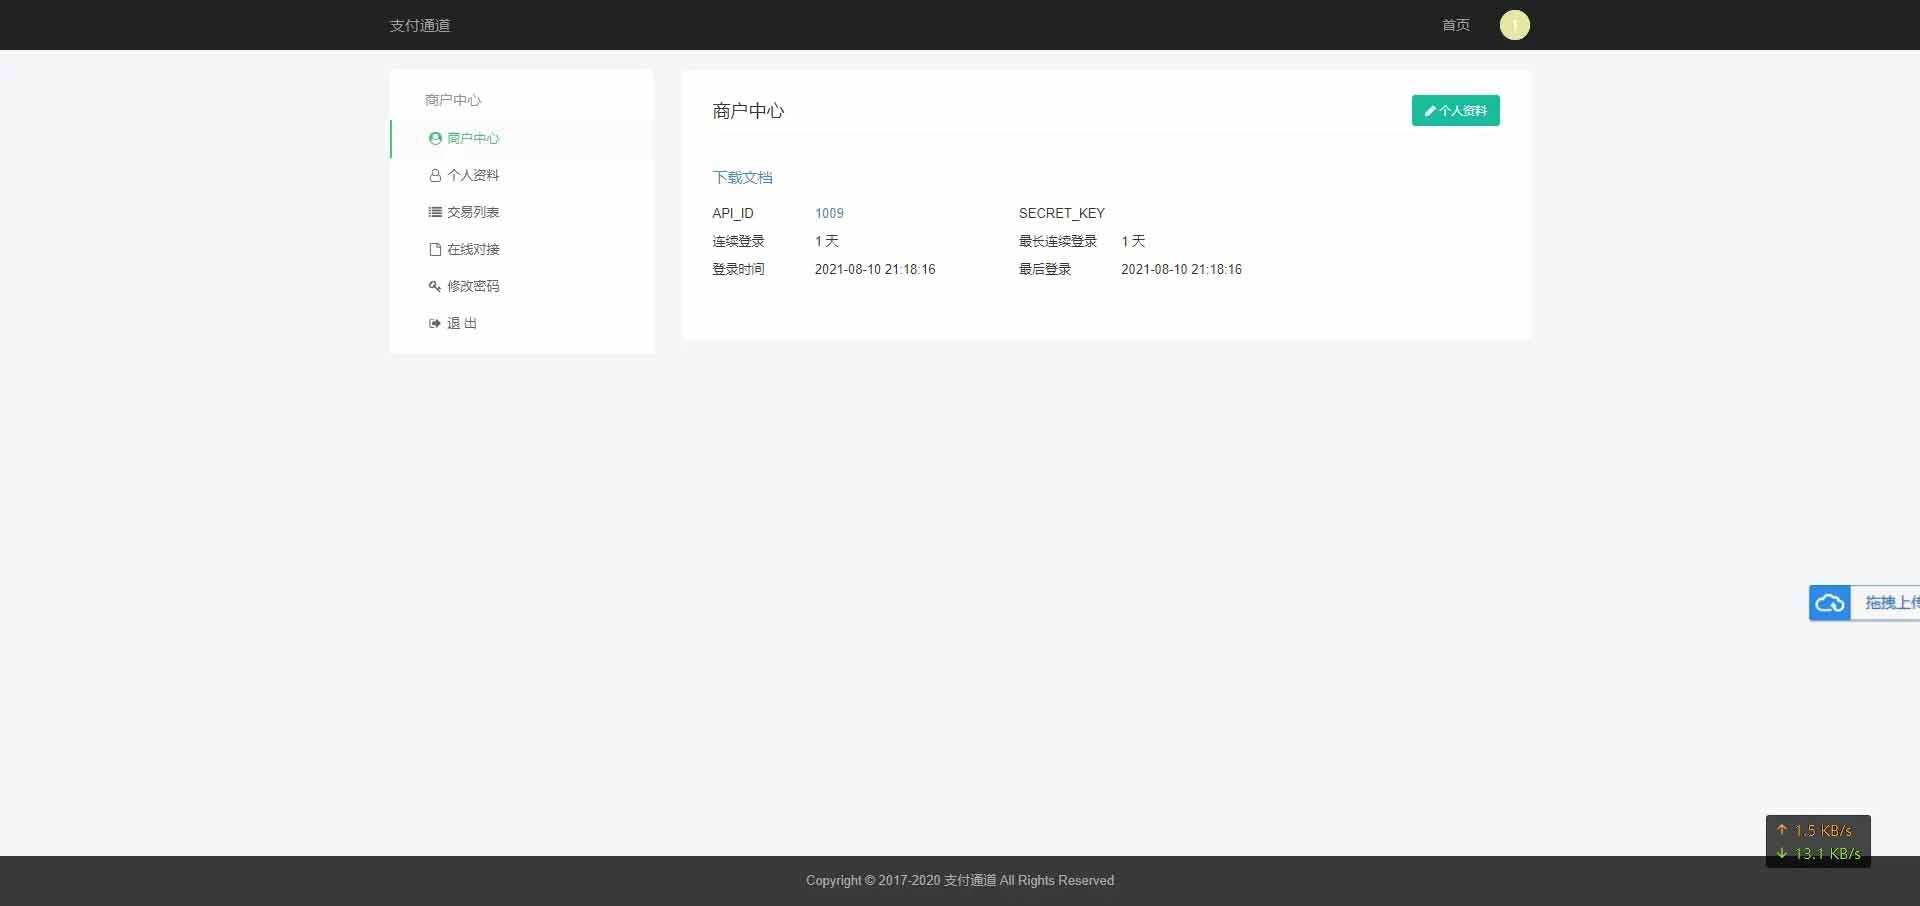 淘宝天猫代理系统/京东油卡密度系统/聚合支付系统源代码插图